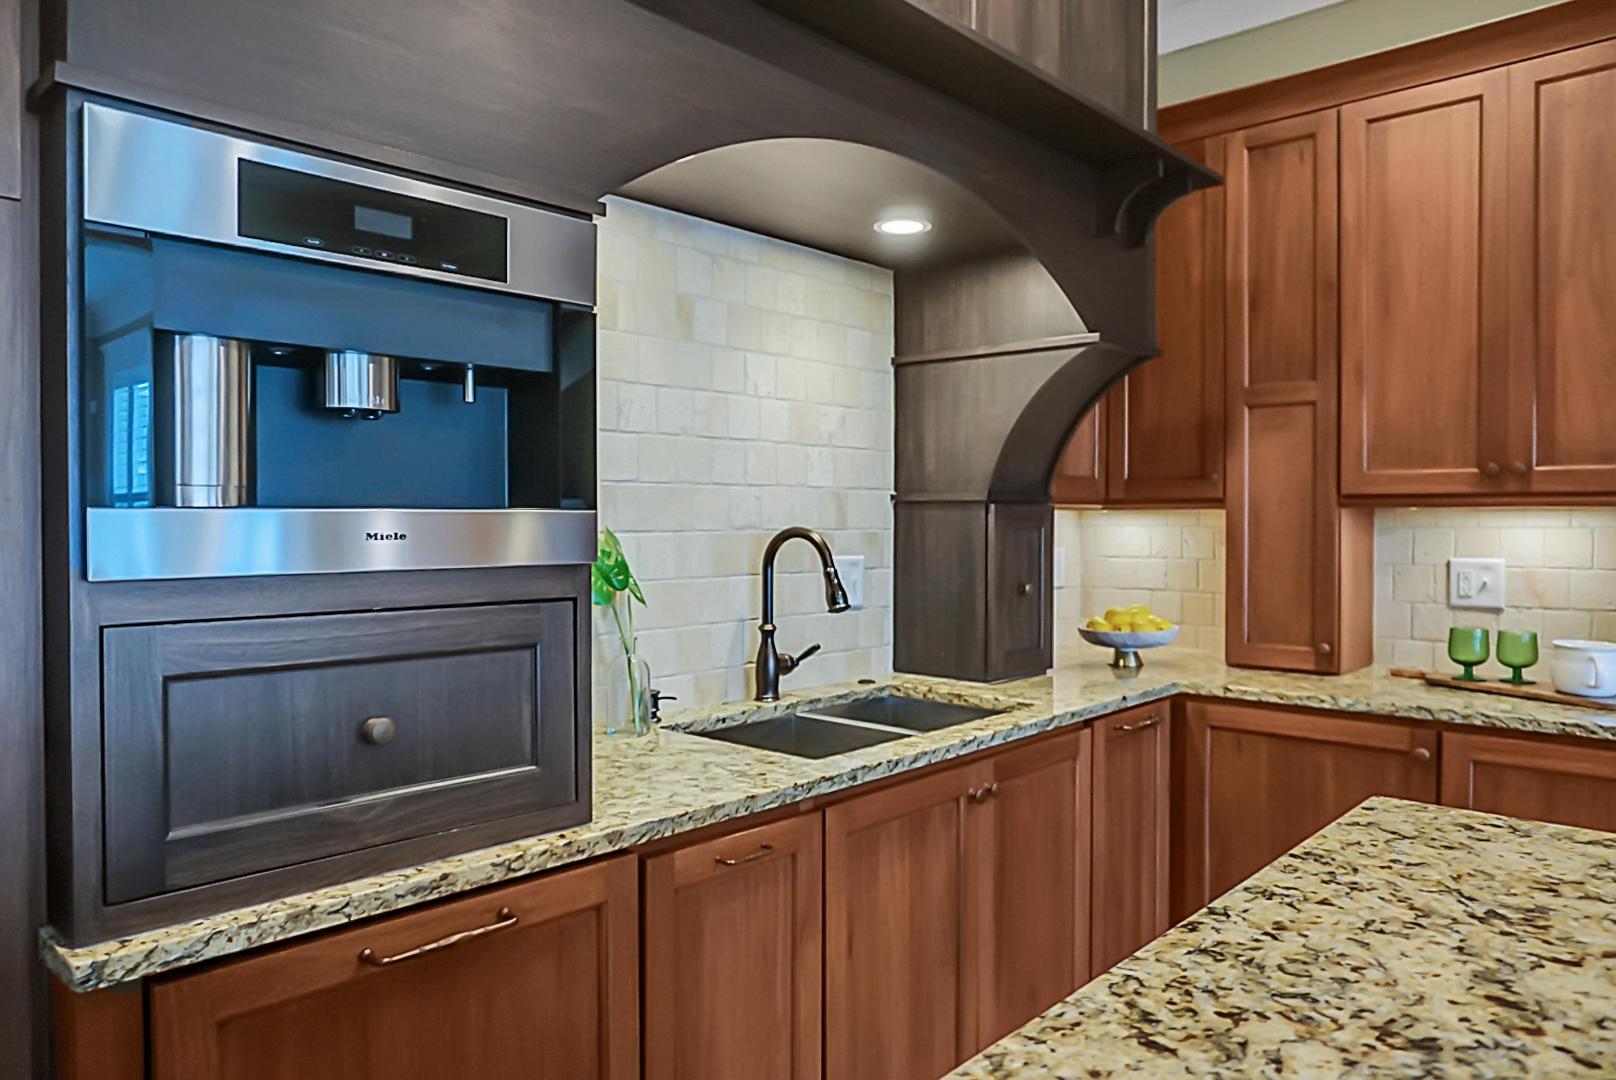 Dunes West Homes For Sale - 2978 River Vista, Mount Pleasant, SC - 70